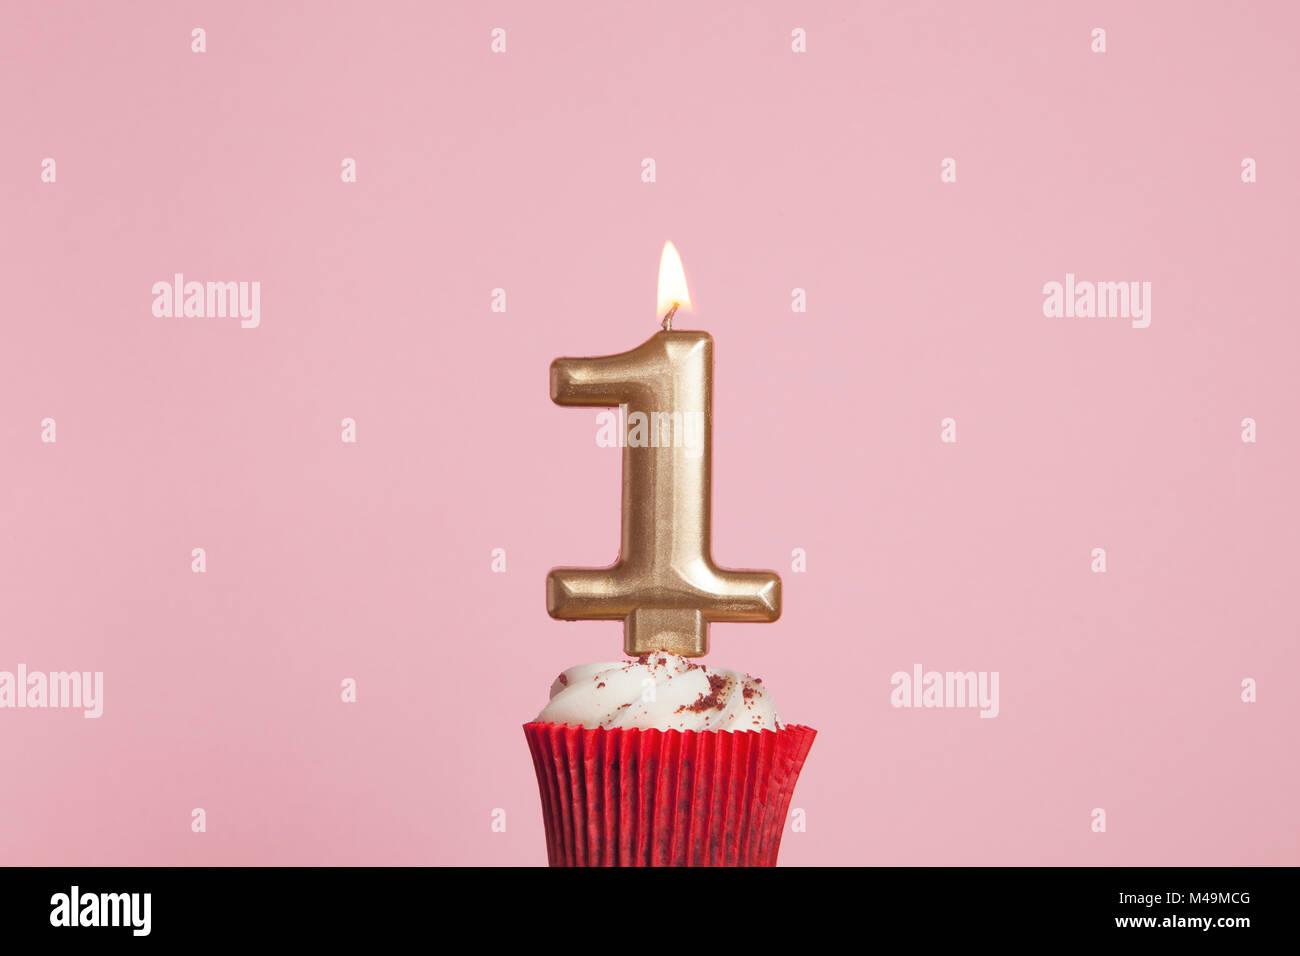 Nummer 1 Goldene Kerze In Eine Cupcake Gegen Ein Pastell Rosa Hintergrund Stockbild